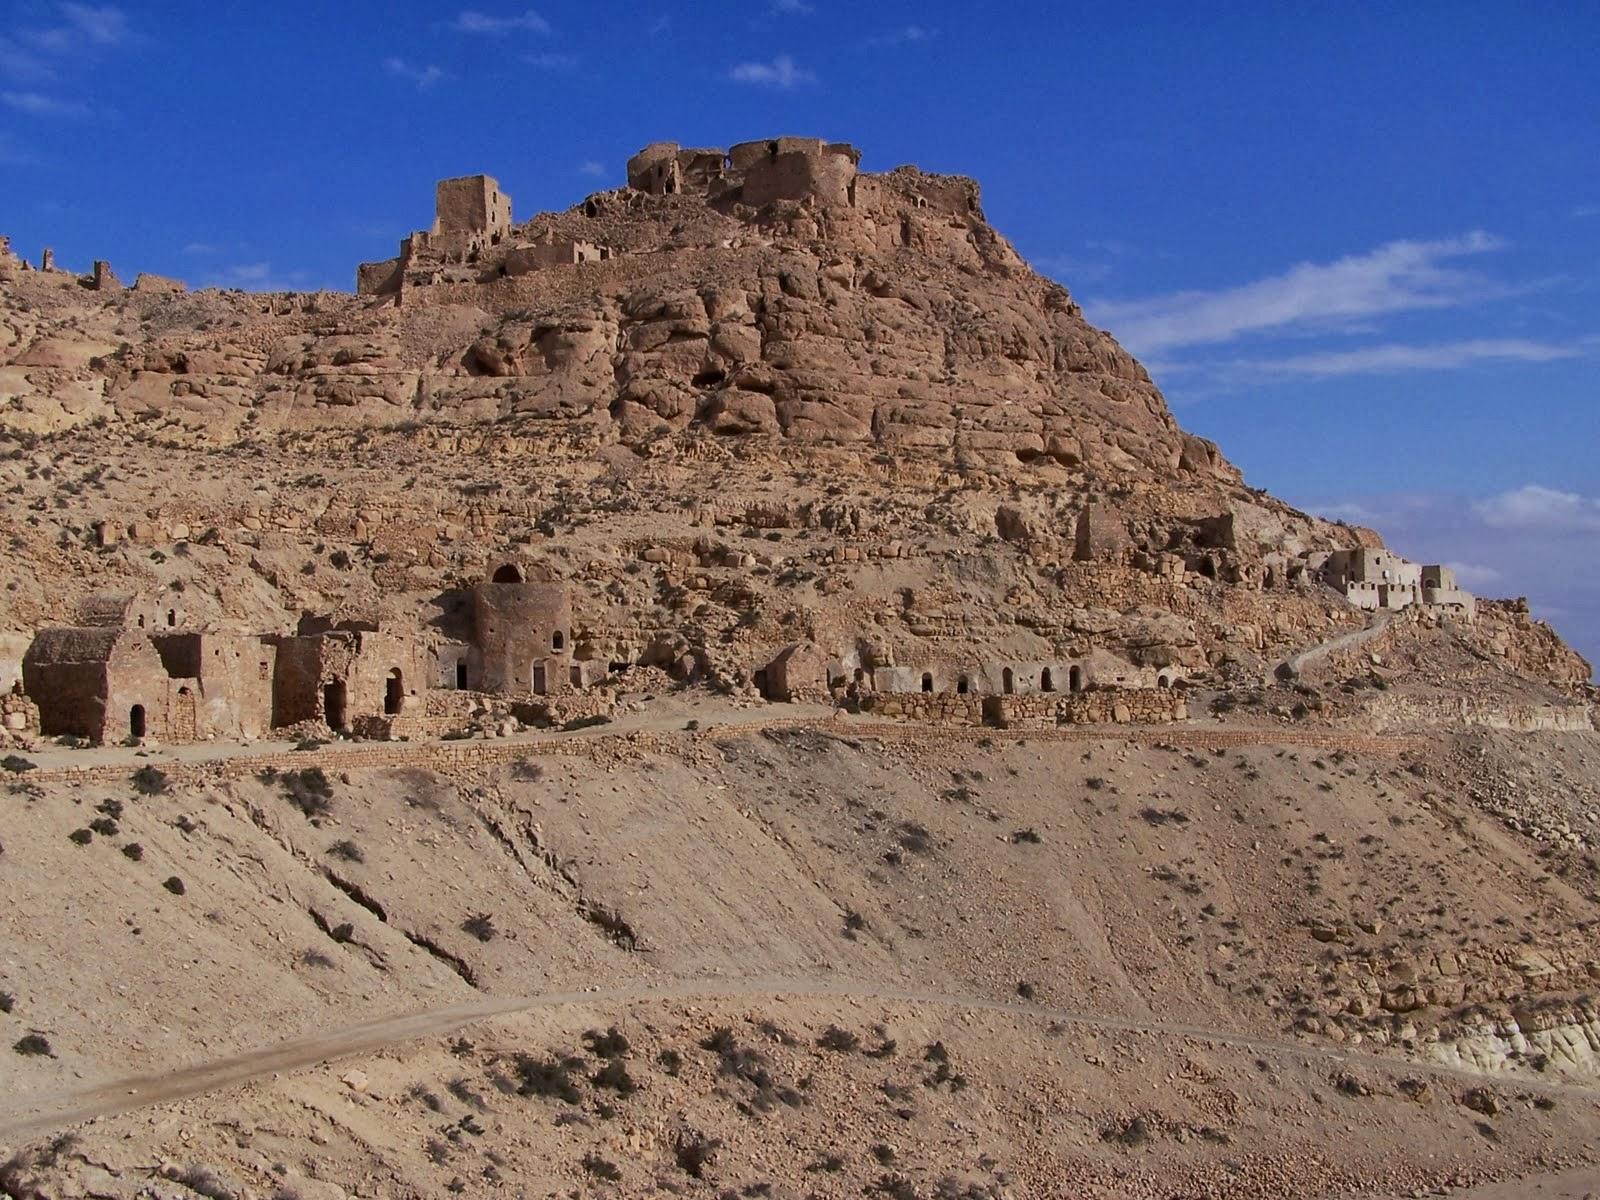 можете снять берберы туниса фото данные некоторых